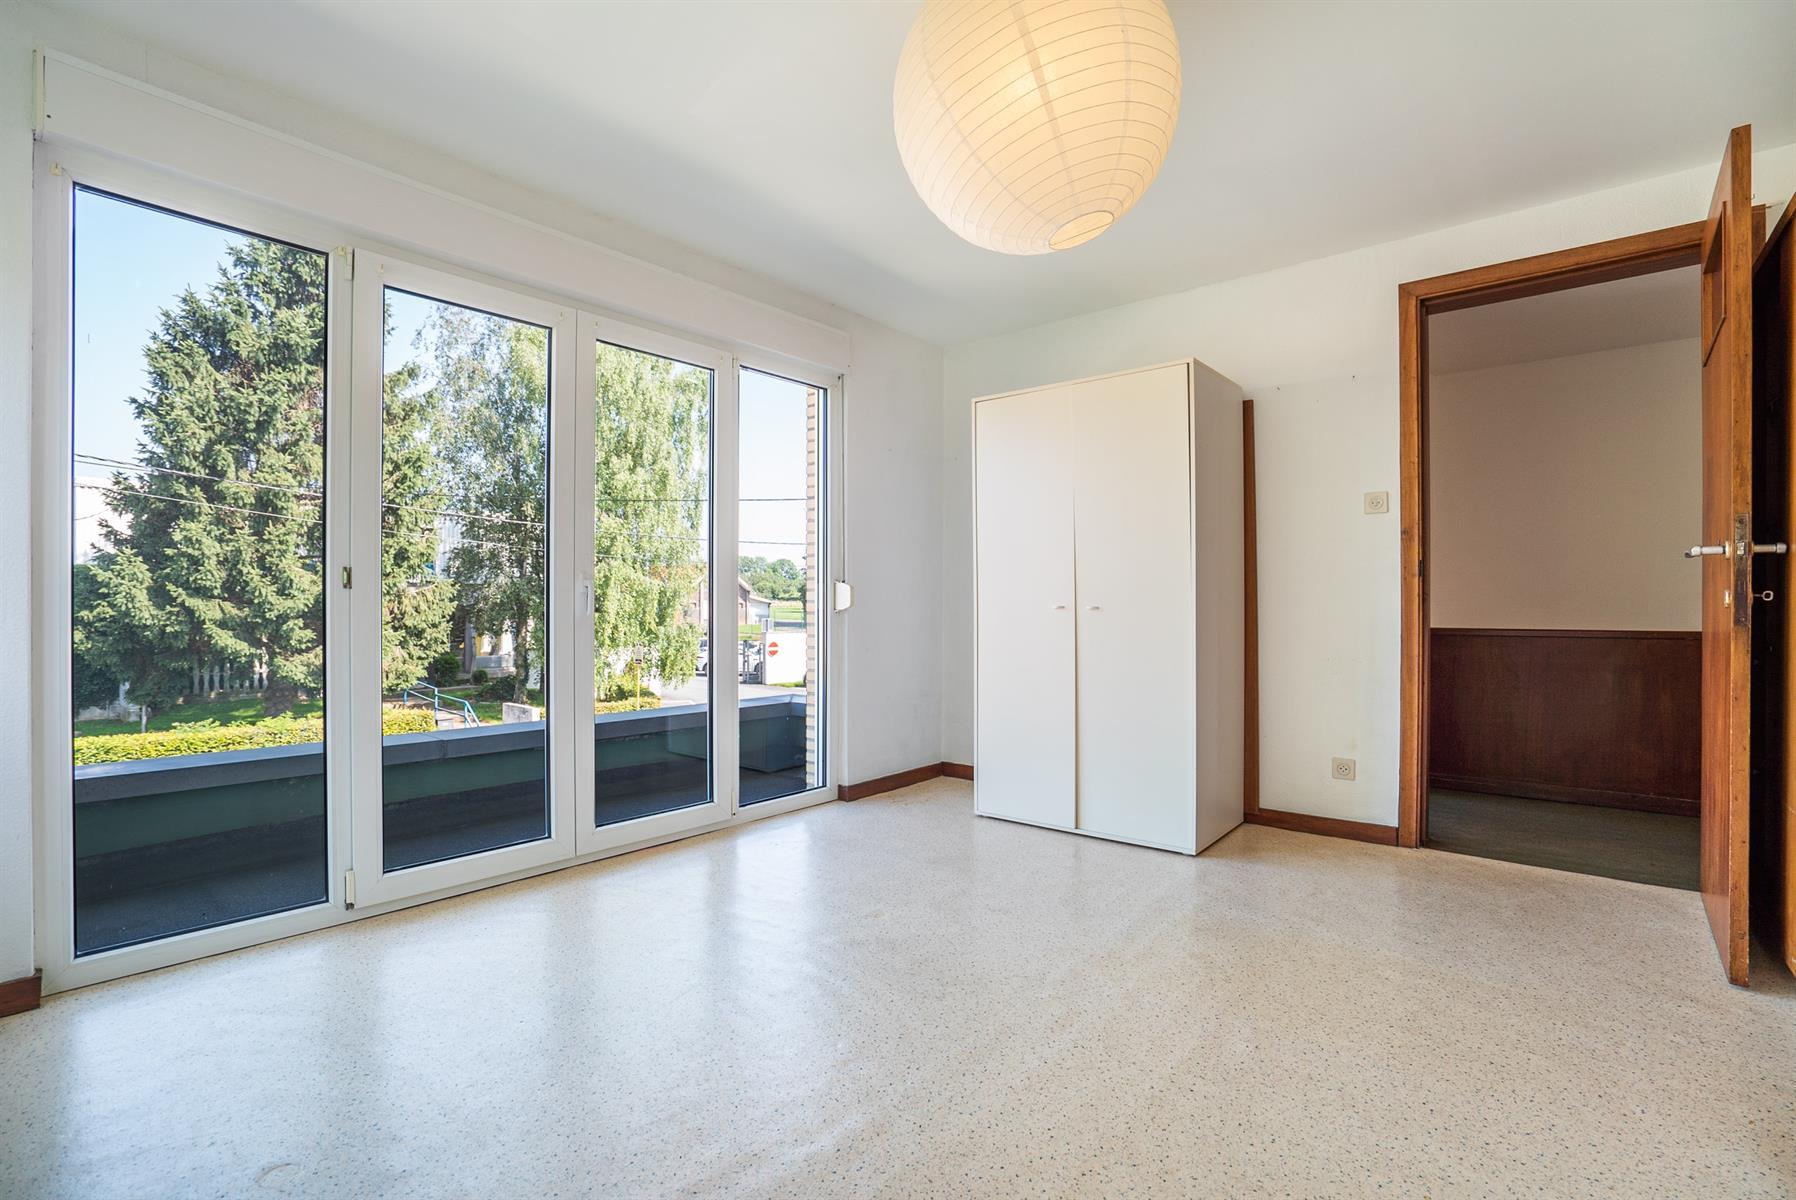 Maison - Verviers Stembert - #4406533-11